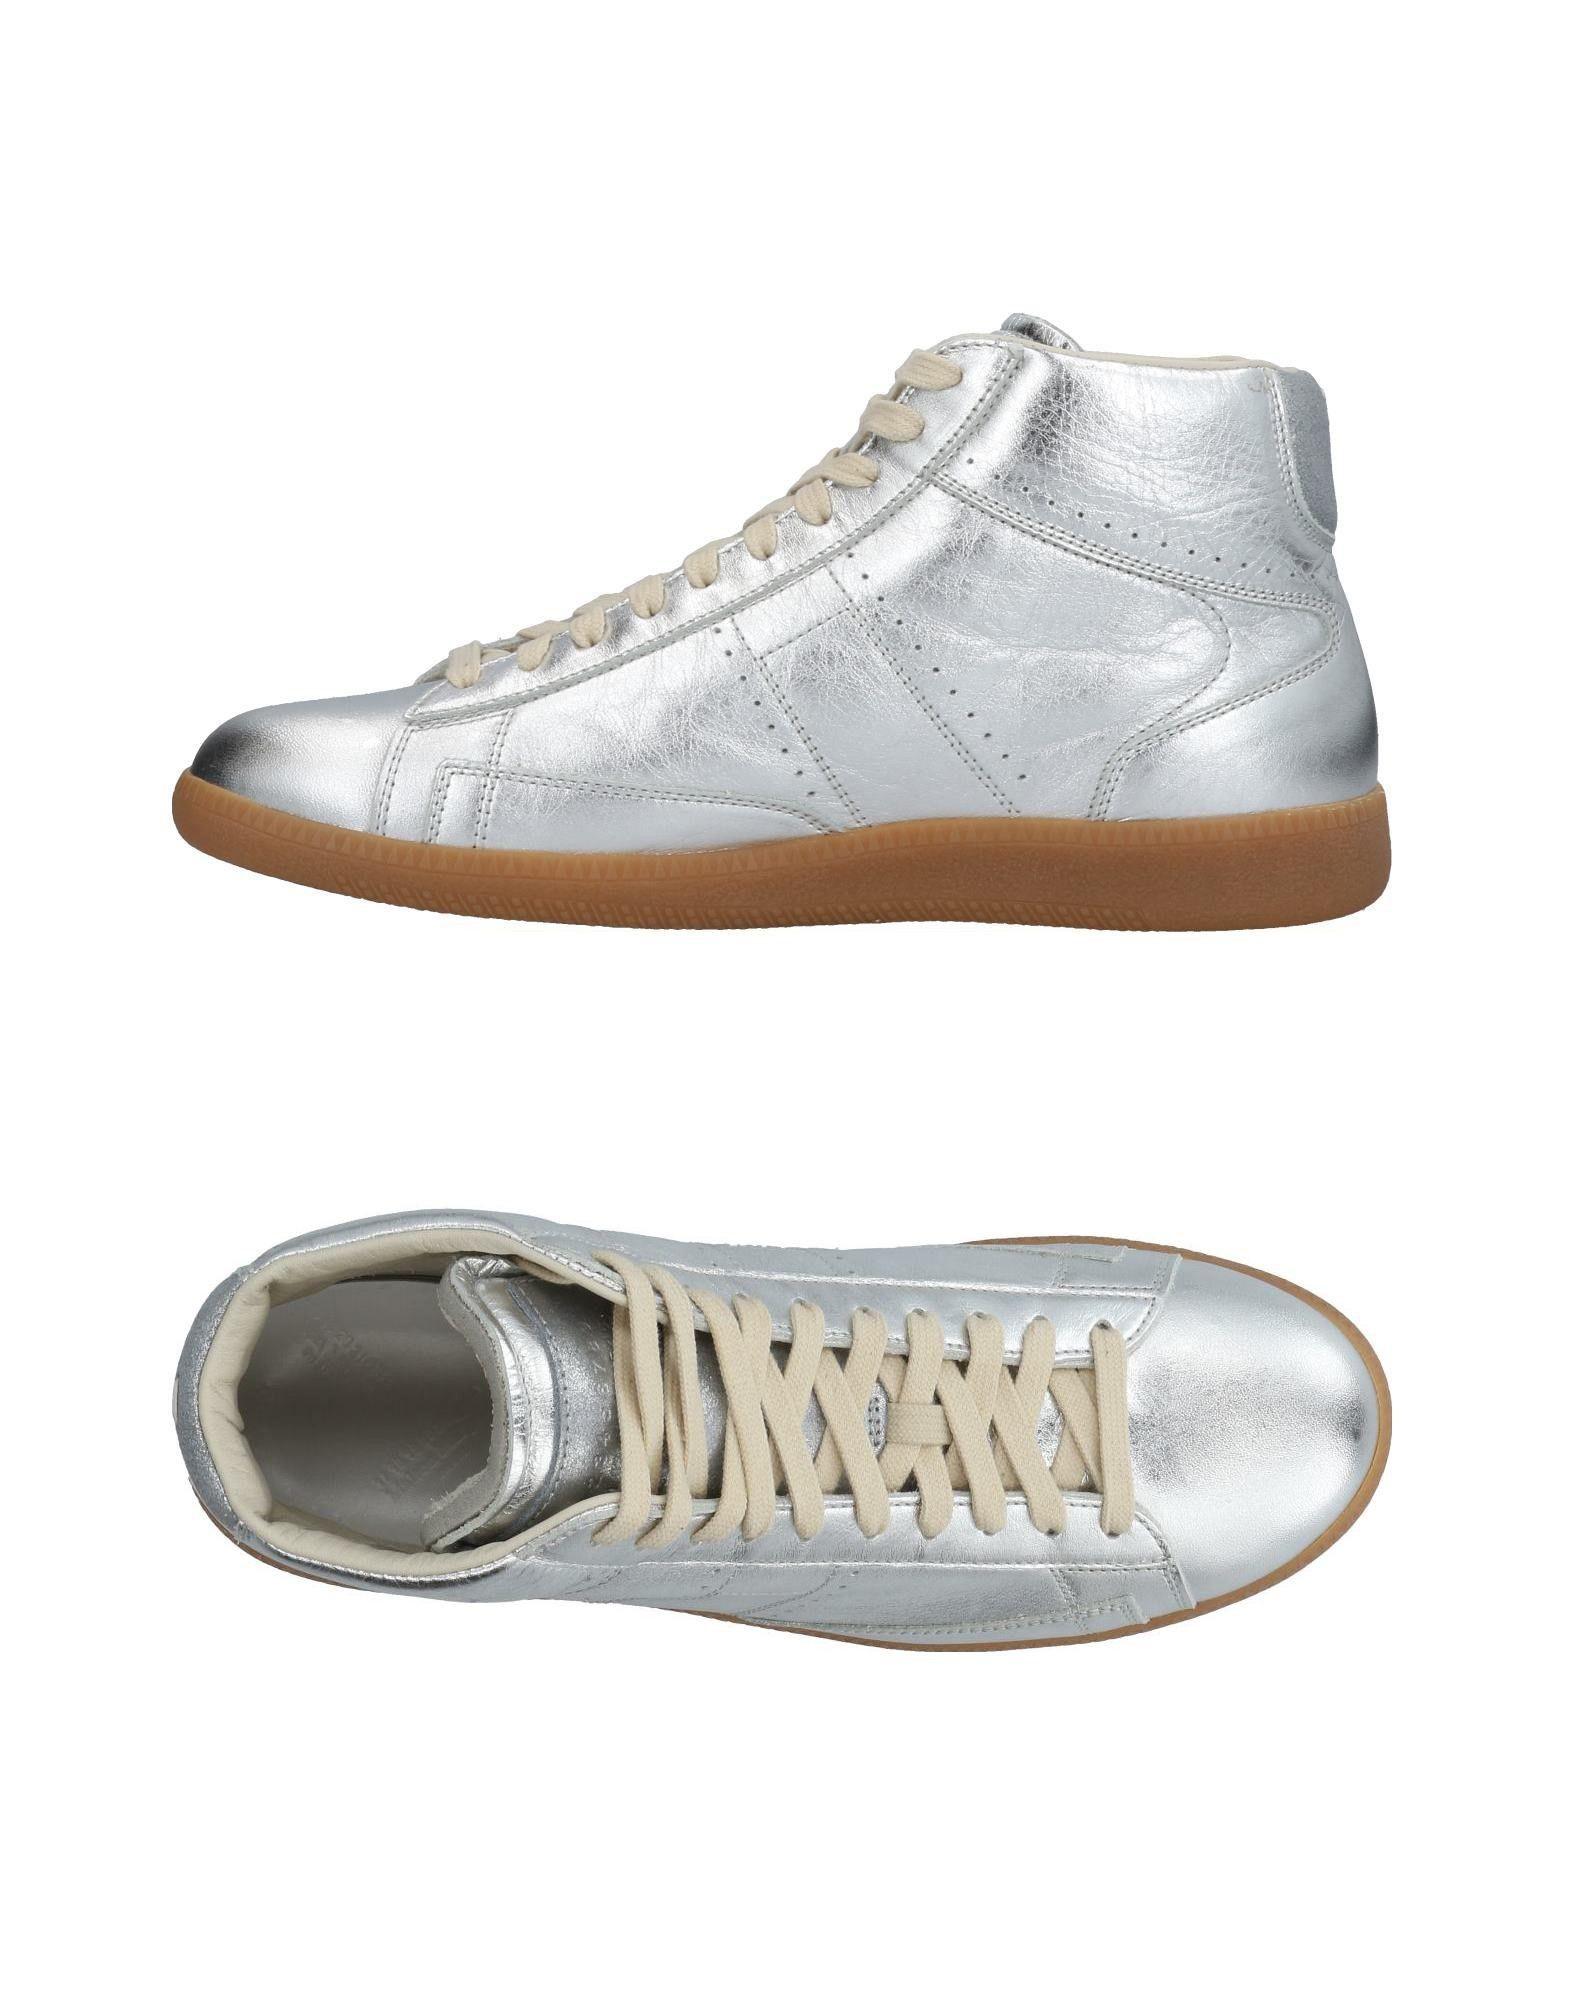 Sneakers Maison Margiela Homme - Sneakers Meilleur Maison Margiela  Argent Meilleur Sneakers modèle de vente d60db5